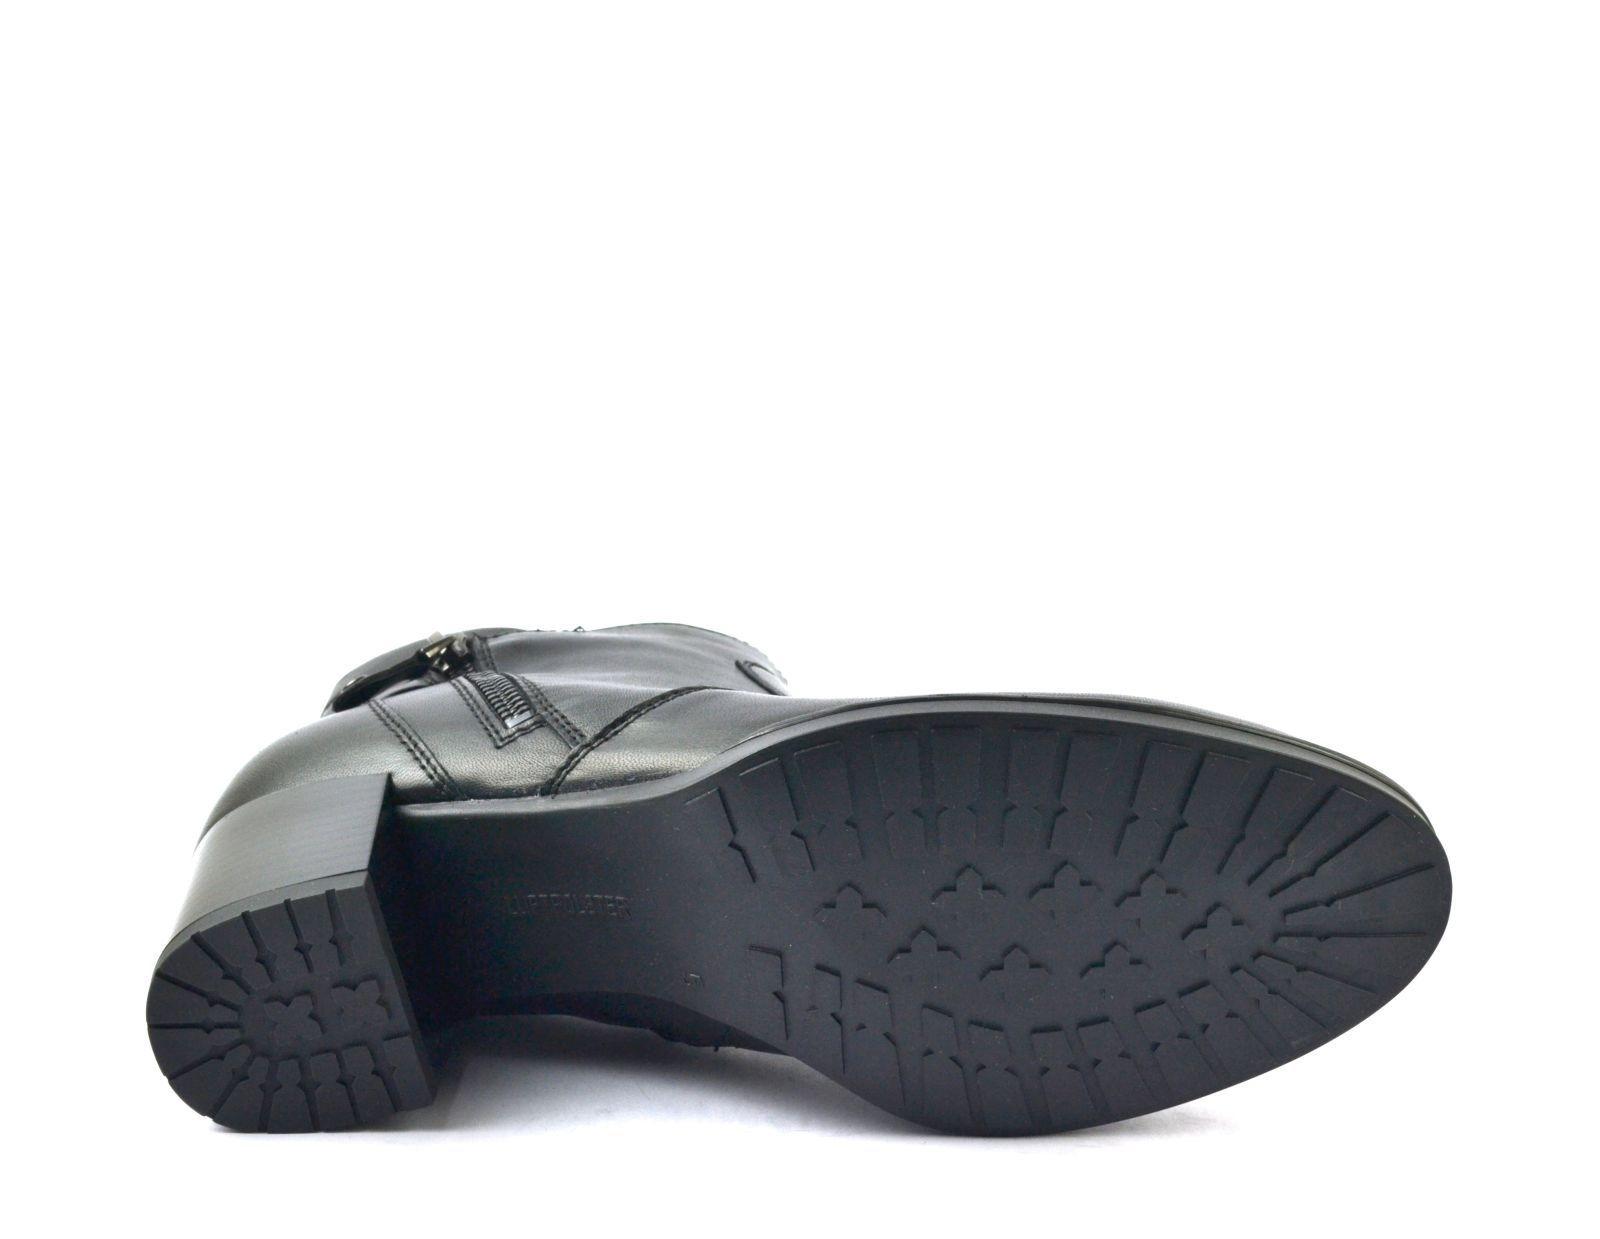 3185e61a6606 ARA - Kotníčky - Dámska obuv členková značky Ara